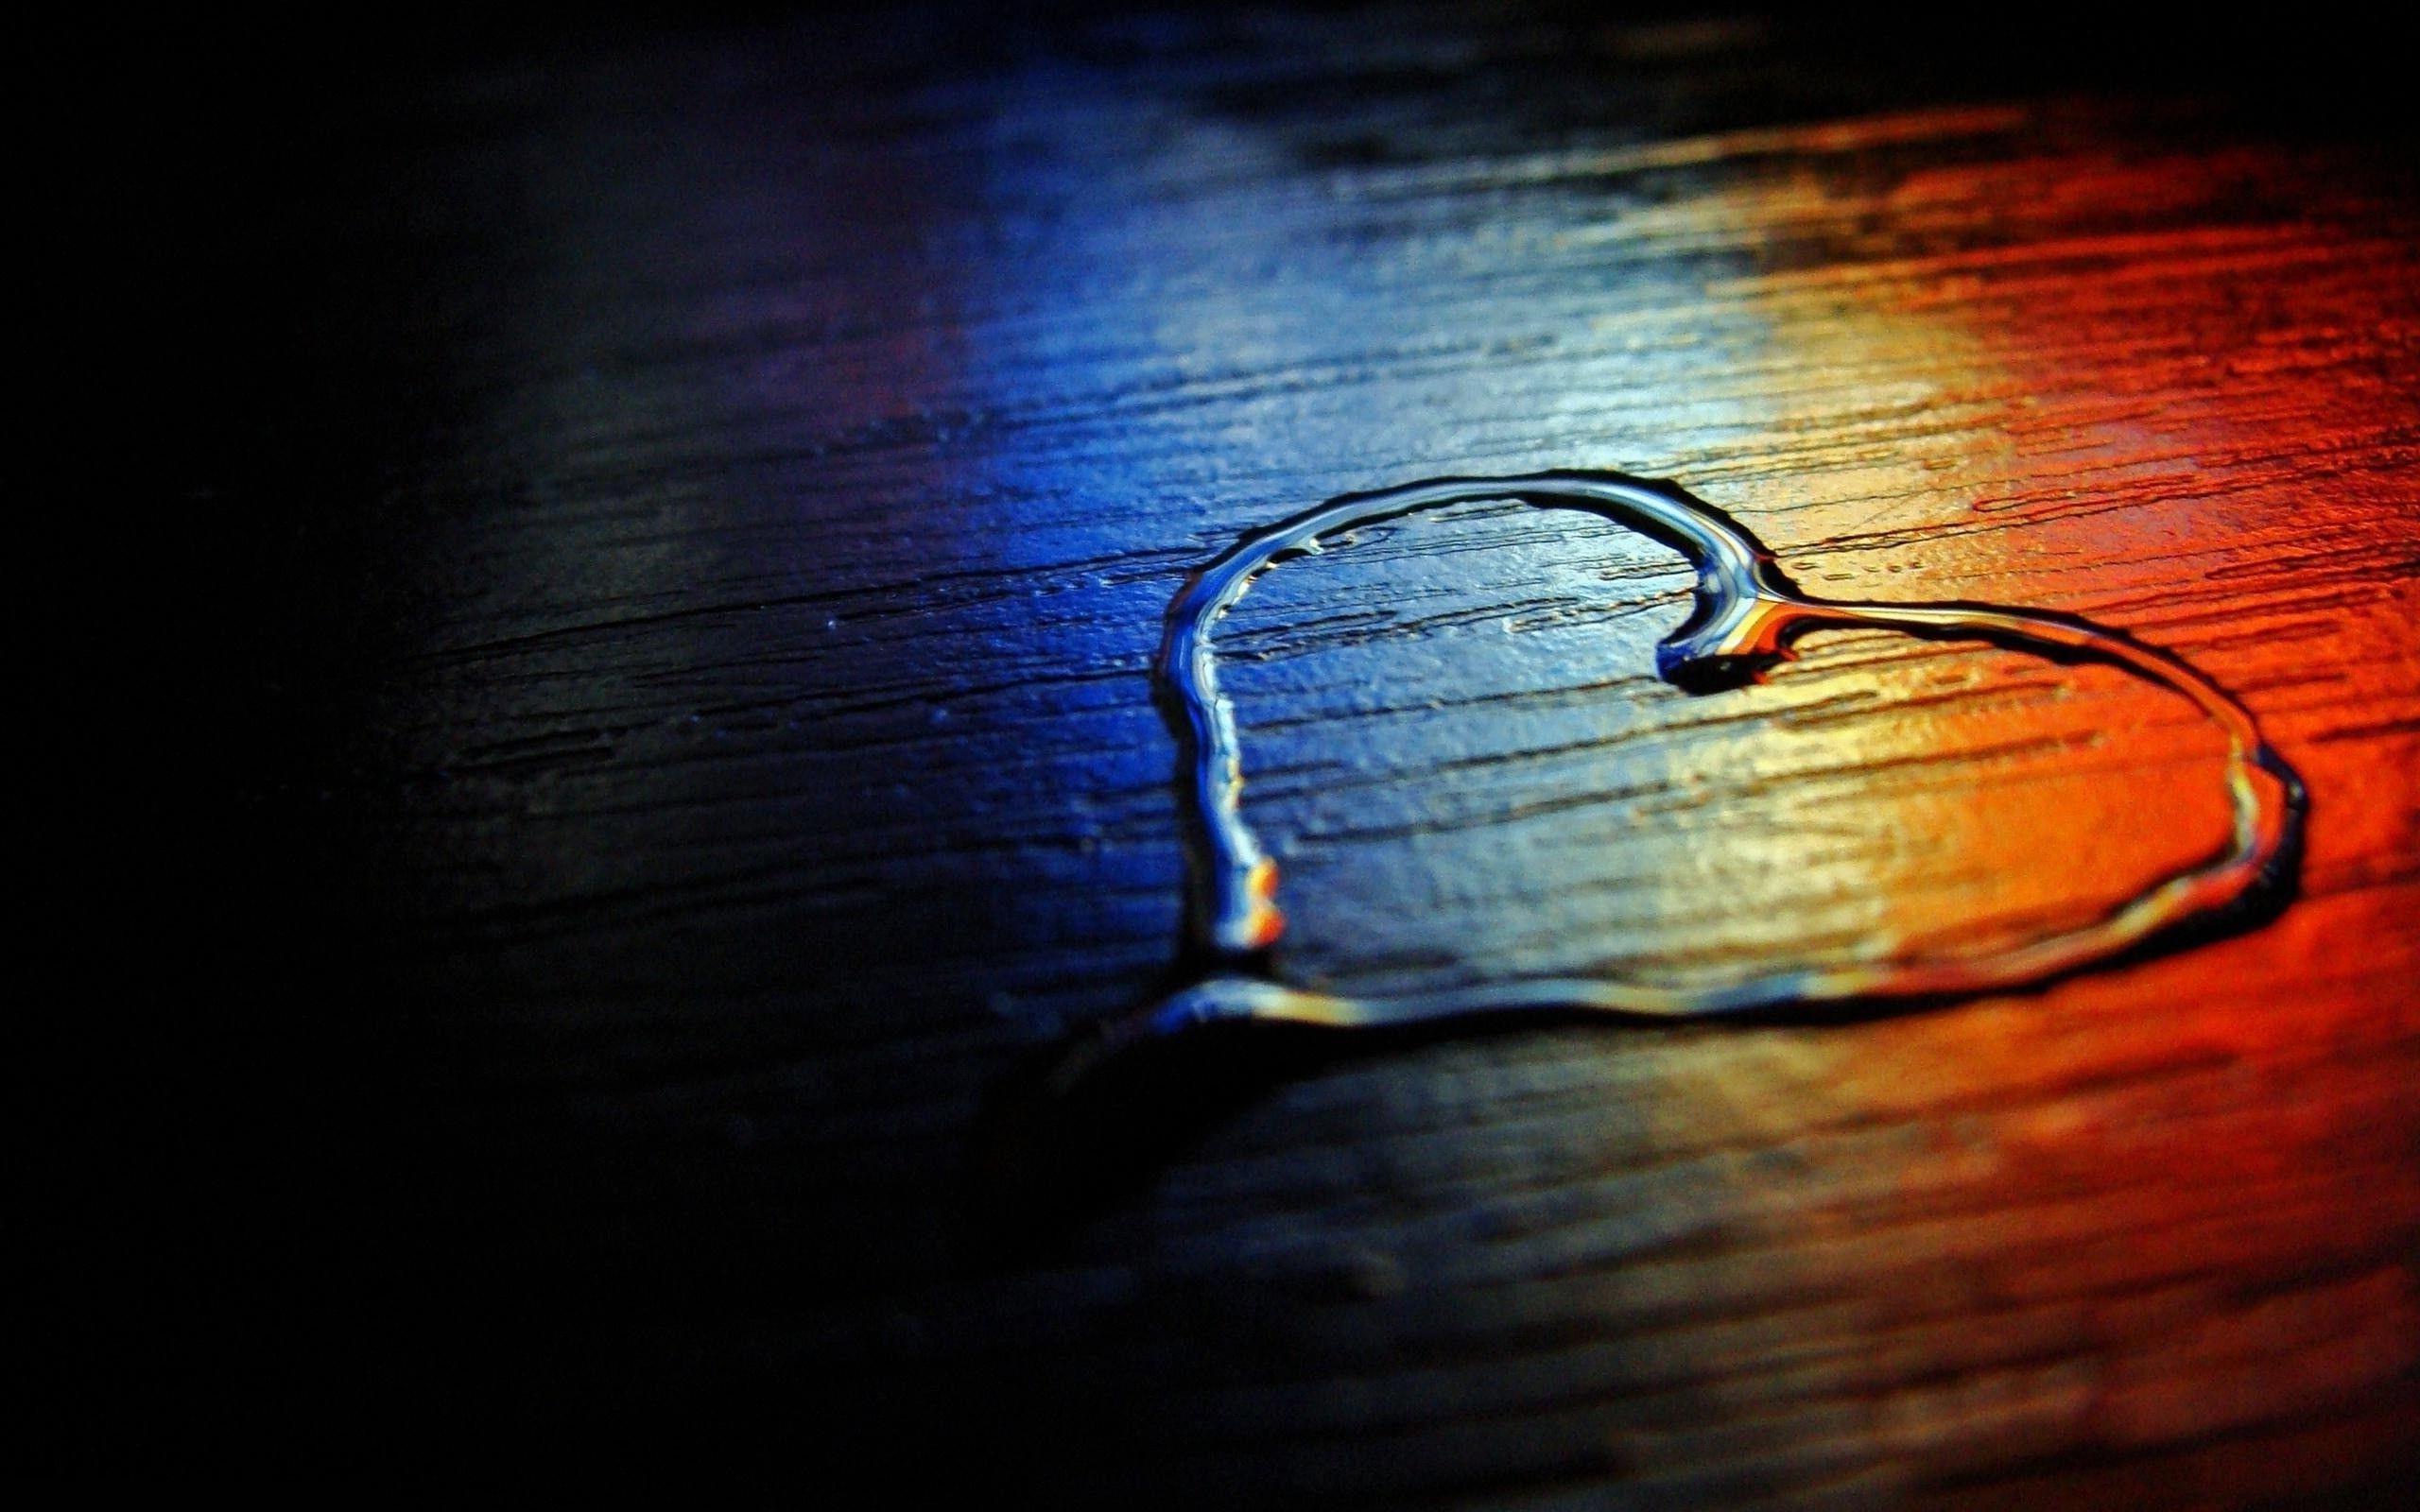 Heart Rainbow Wood Floor Water Love Photography Desktop Wallpaper